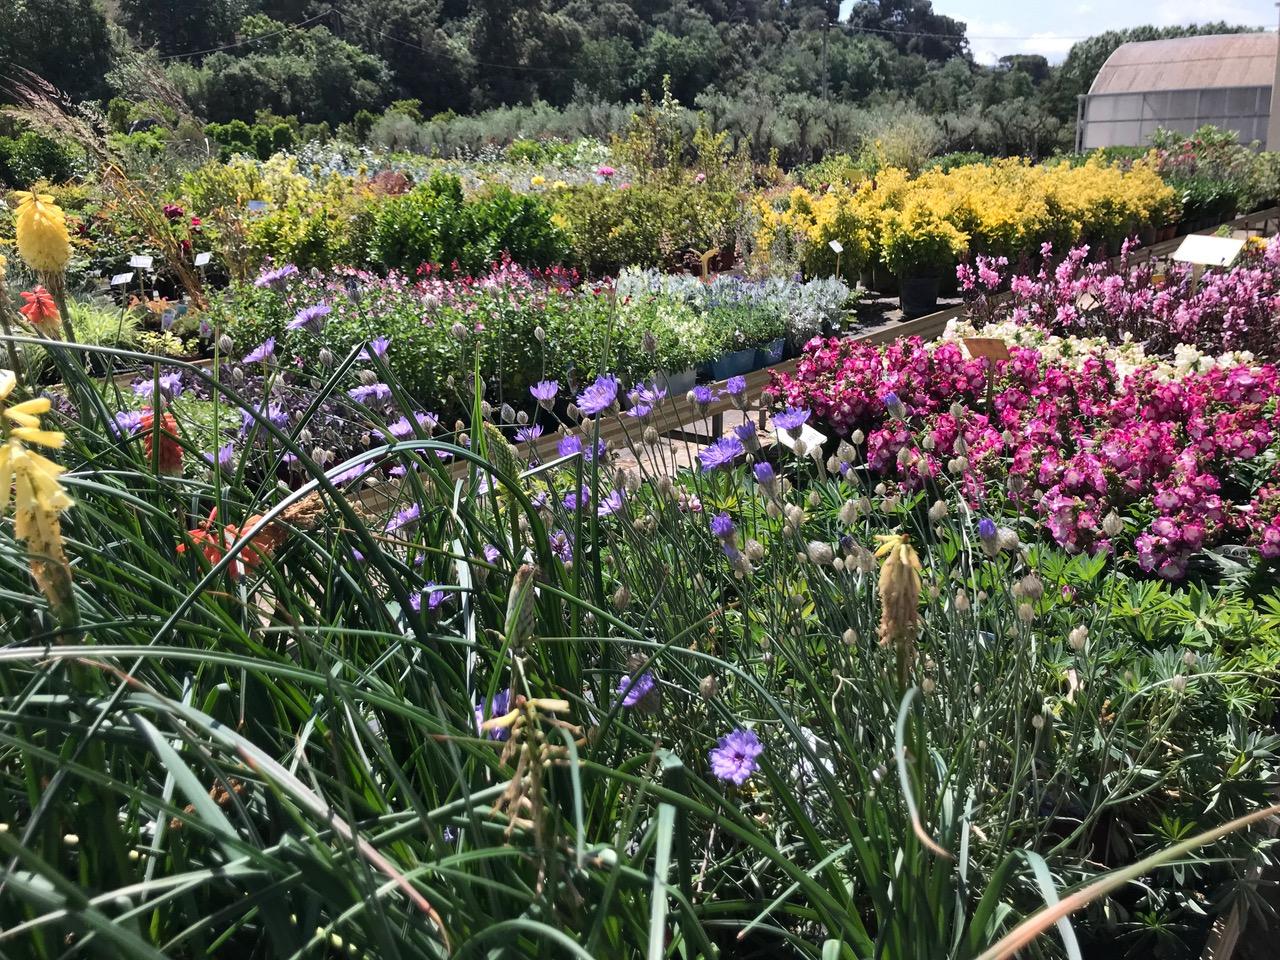 Garden – Vivers de Cardedeu